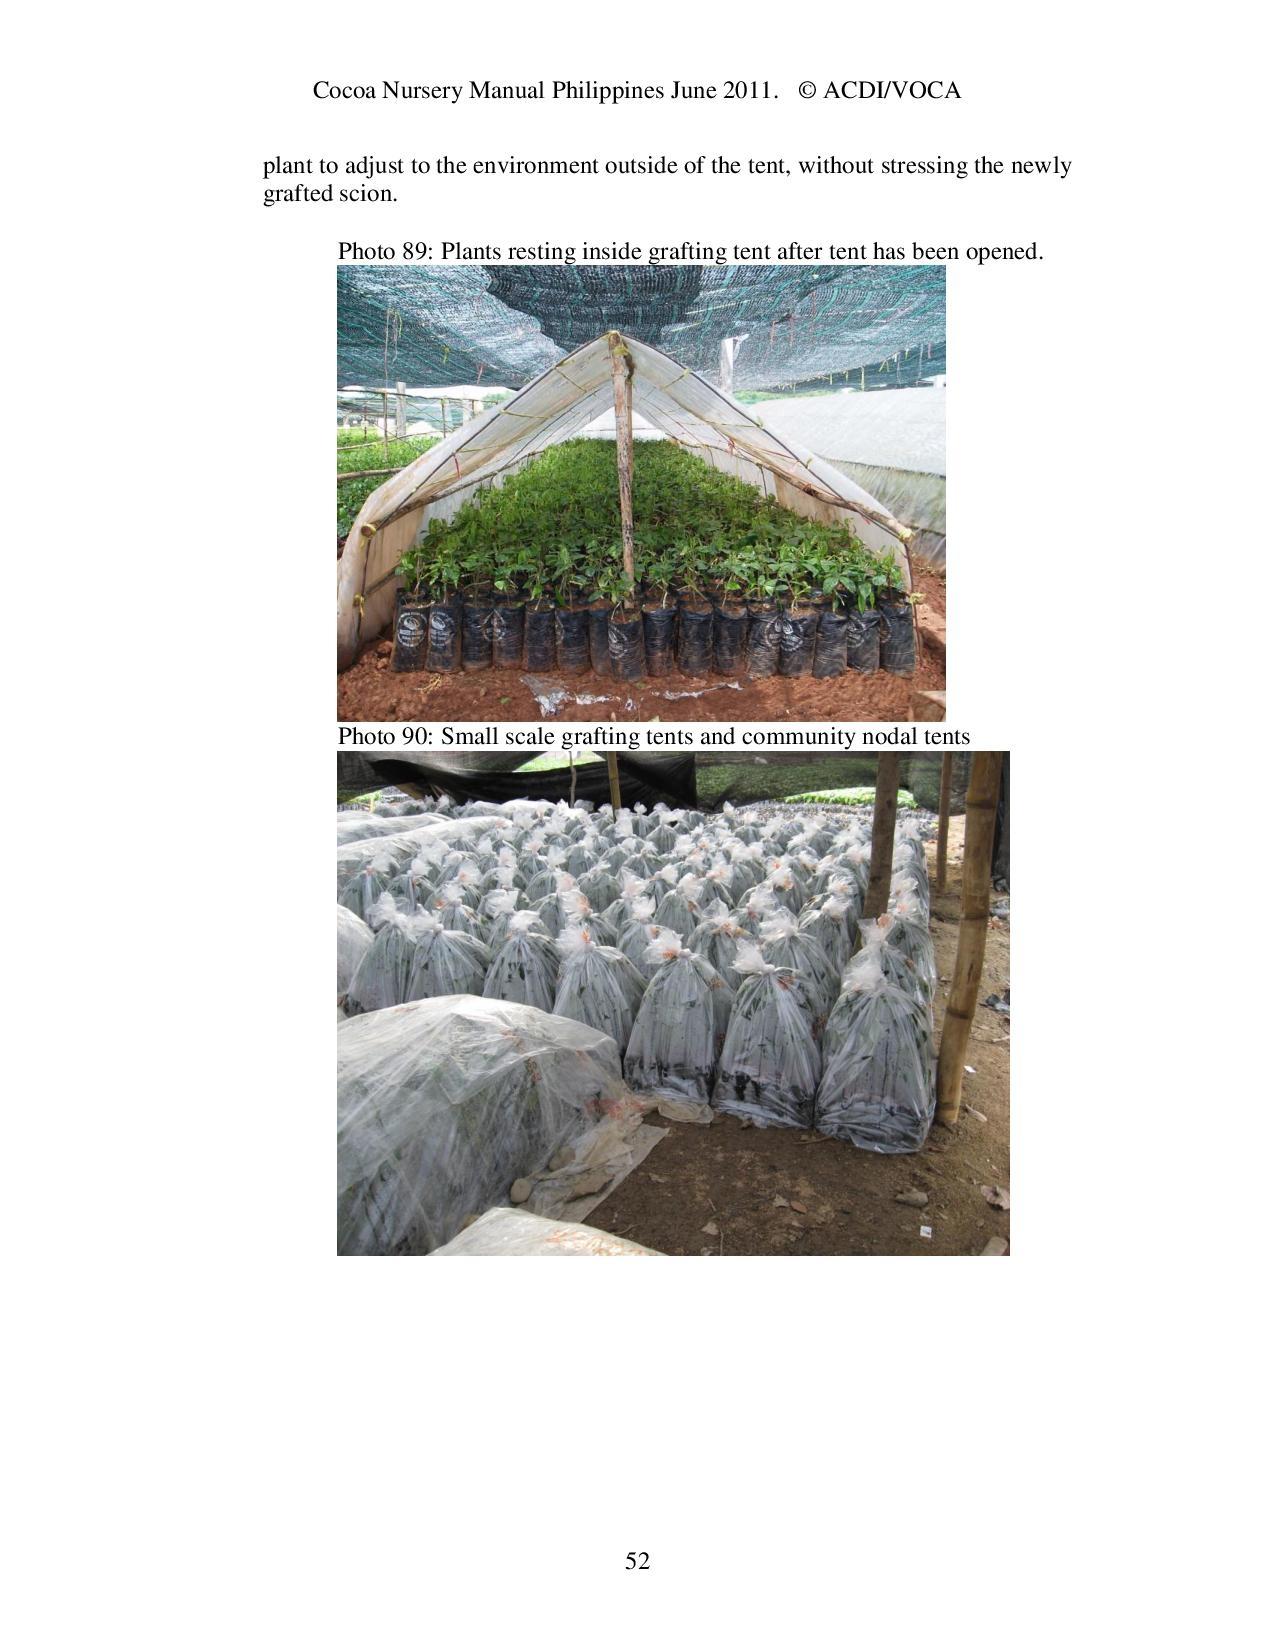 Cocoa-Nursery-Manual-2011_acdi-voca-page-052